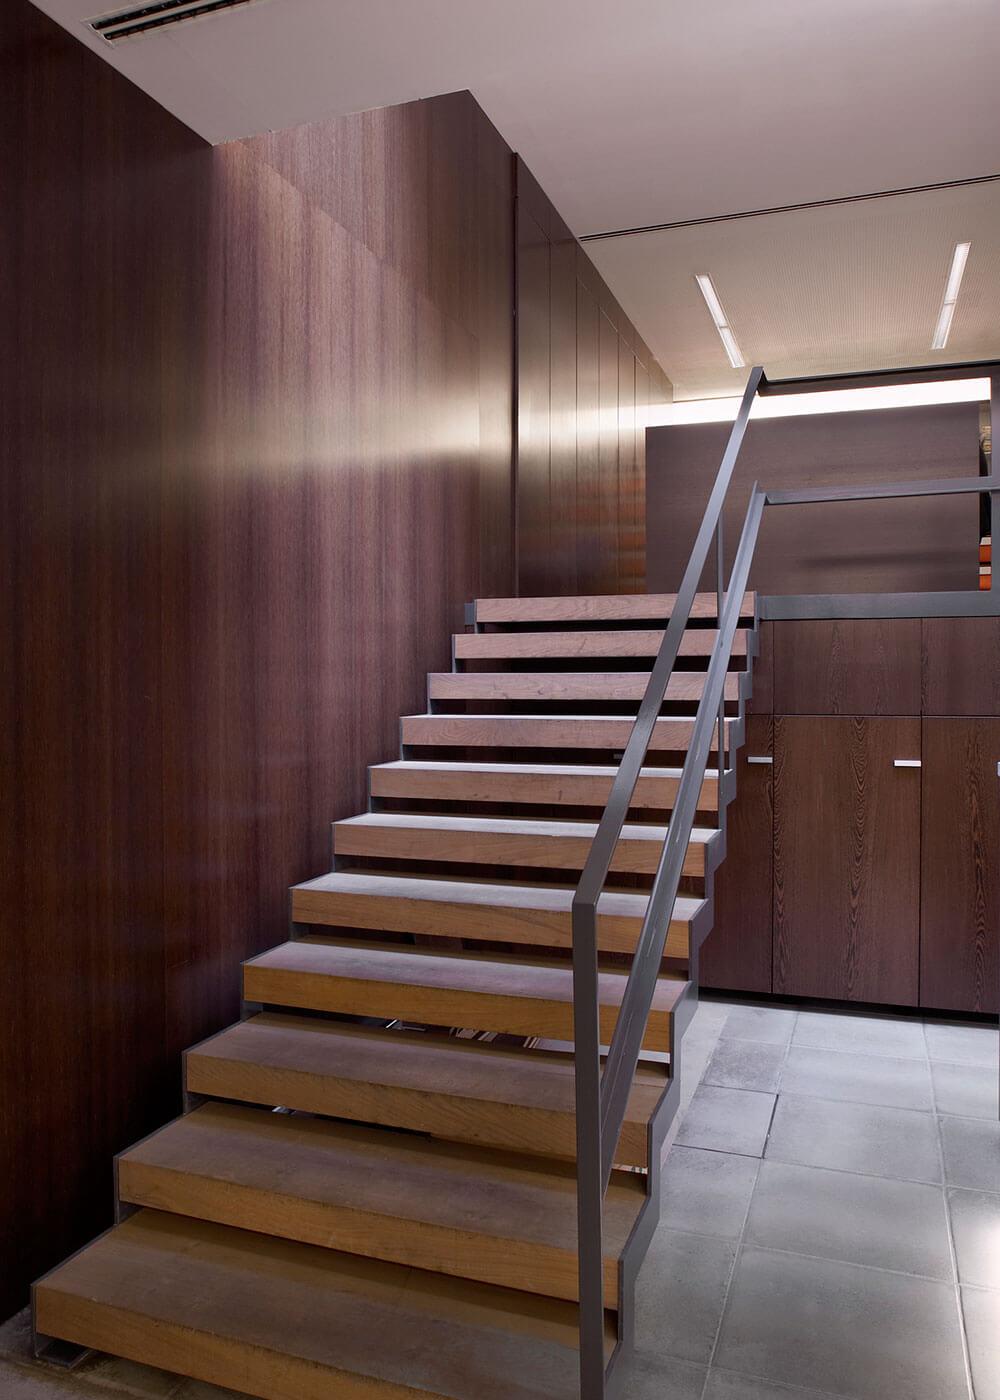 De trap sluit aan bij het omliggend interieurdesign en leidt naar de directiekantoren en het secretariaat.